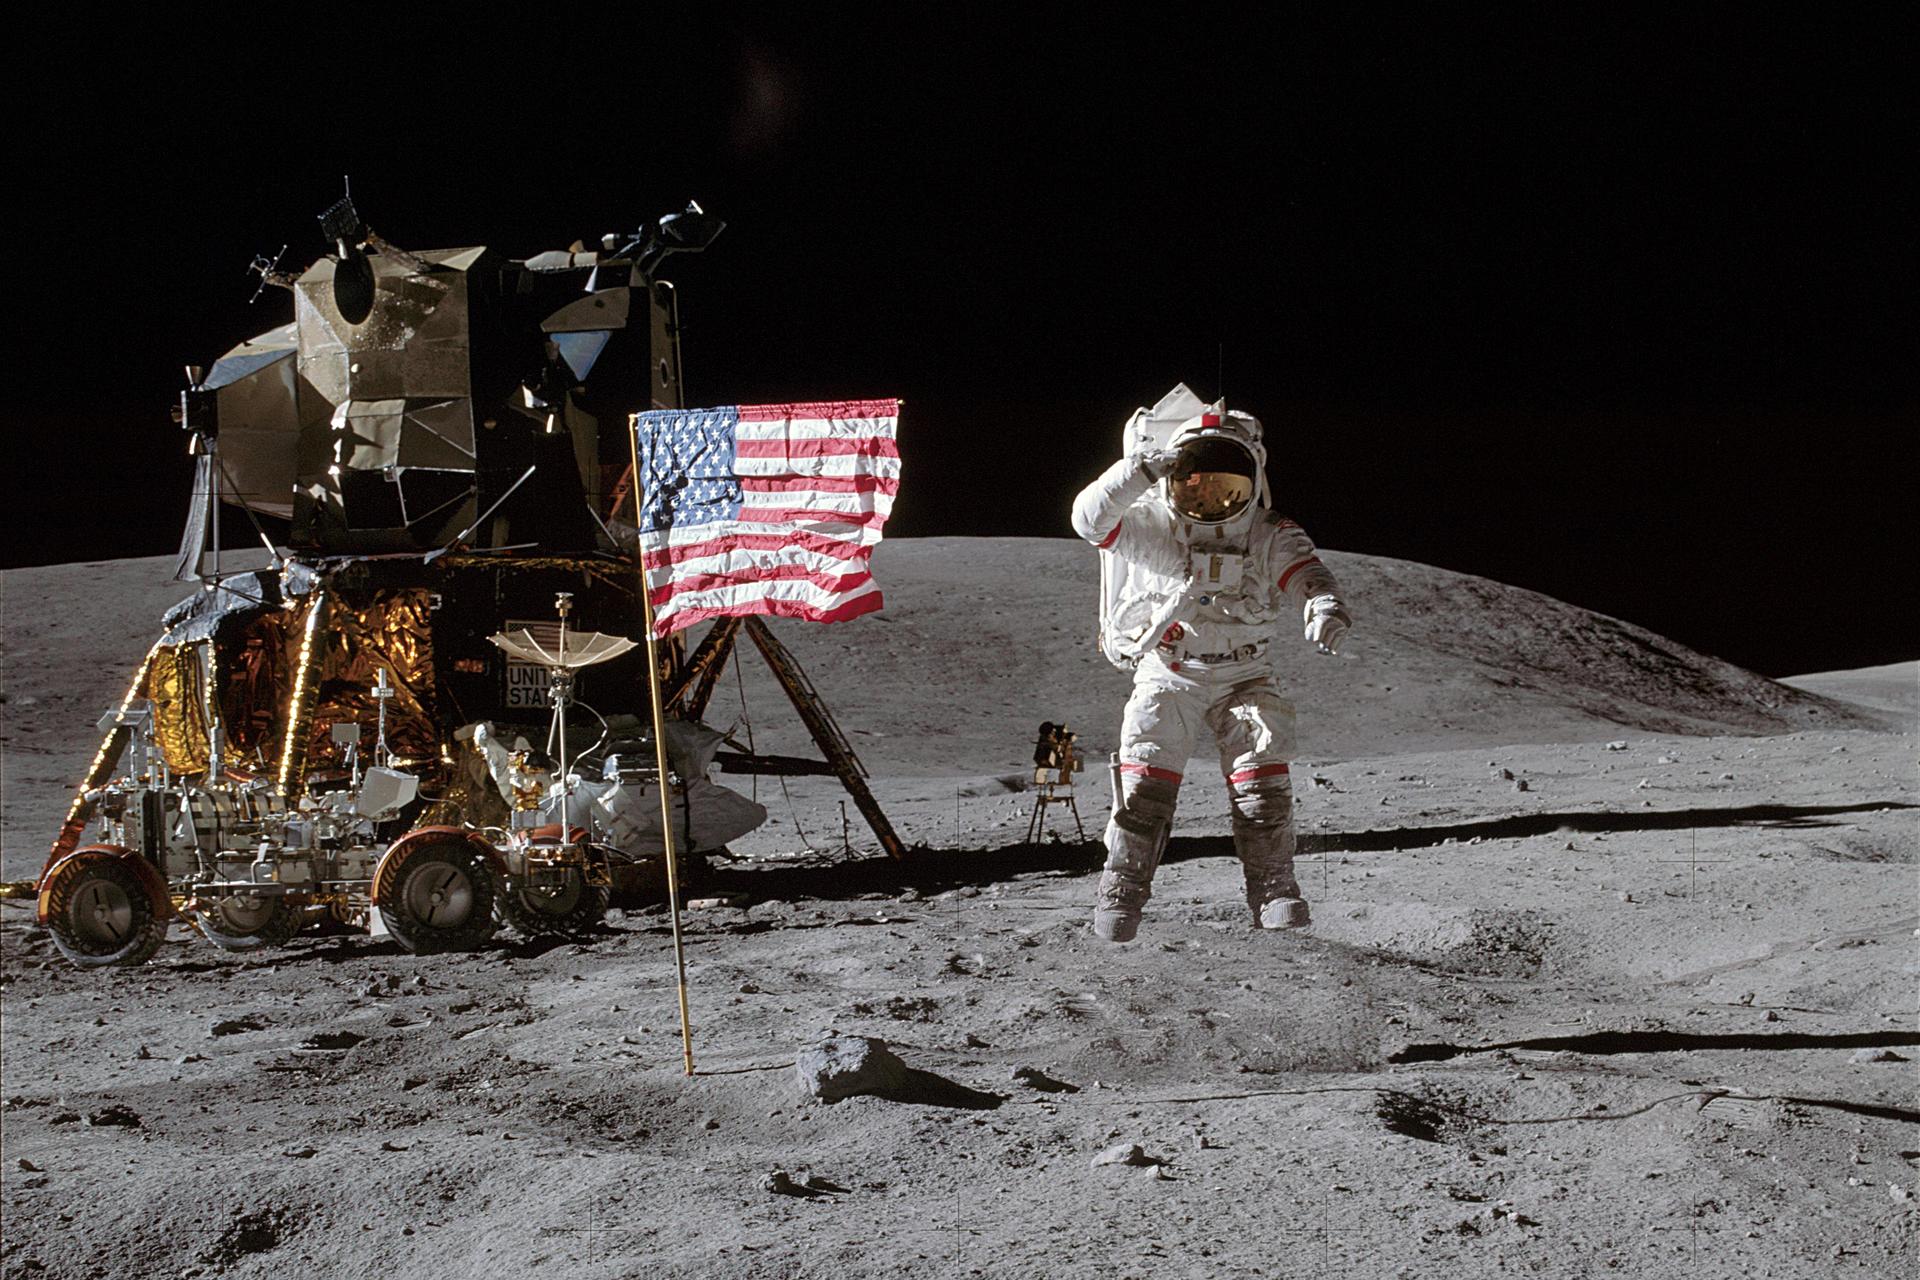 Fotografia prezentuje pierwszego człowieka na księżycu. Na pierwszym planie widoczny kosmonauta wbiałym kombinezonie stojący na powierzchni księżyca, po jego prawej stronie powiewa flaga amerykańska. Na lewo od kosmonauty widoczny pojazd, wtle czarne niebo.